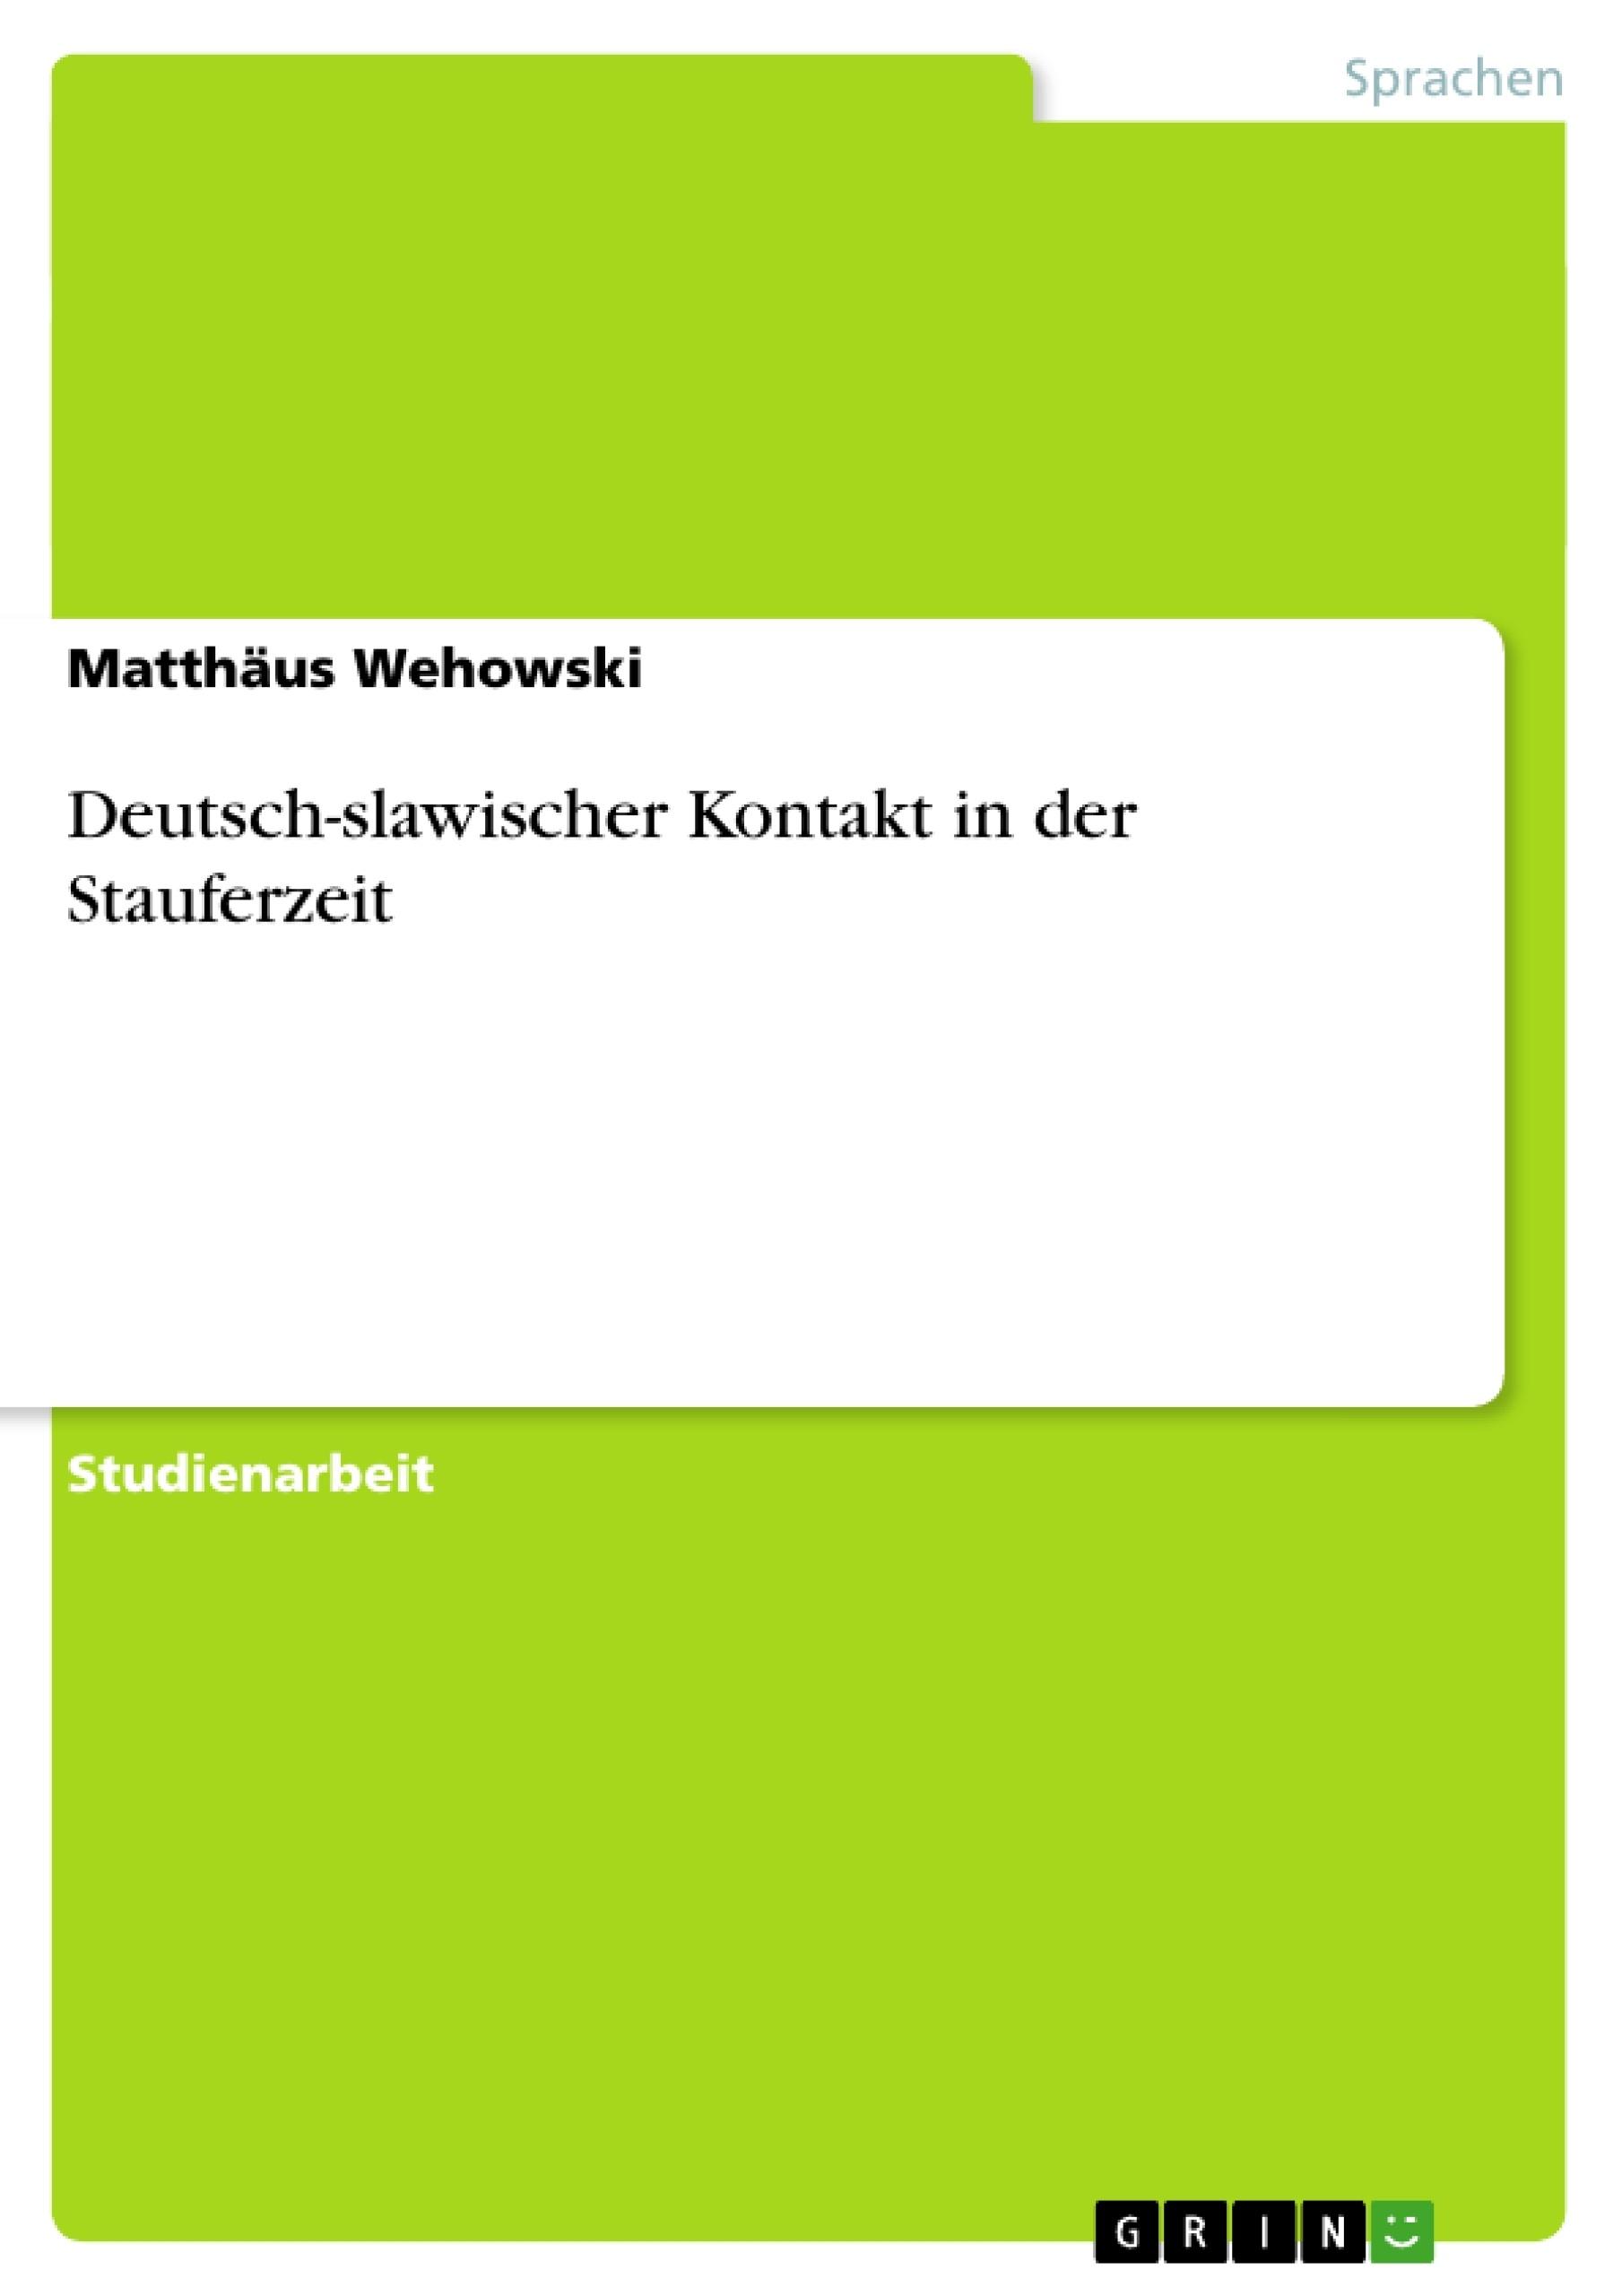 Titel: Deutsch-slawischer Kontakt in der Stauferzeit